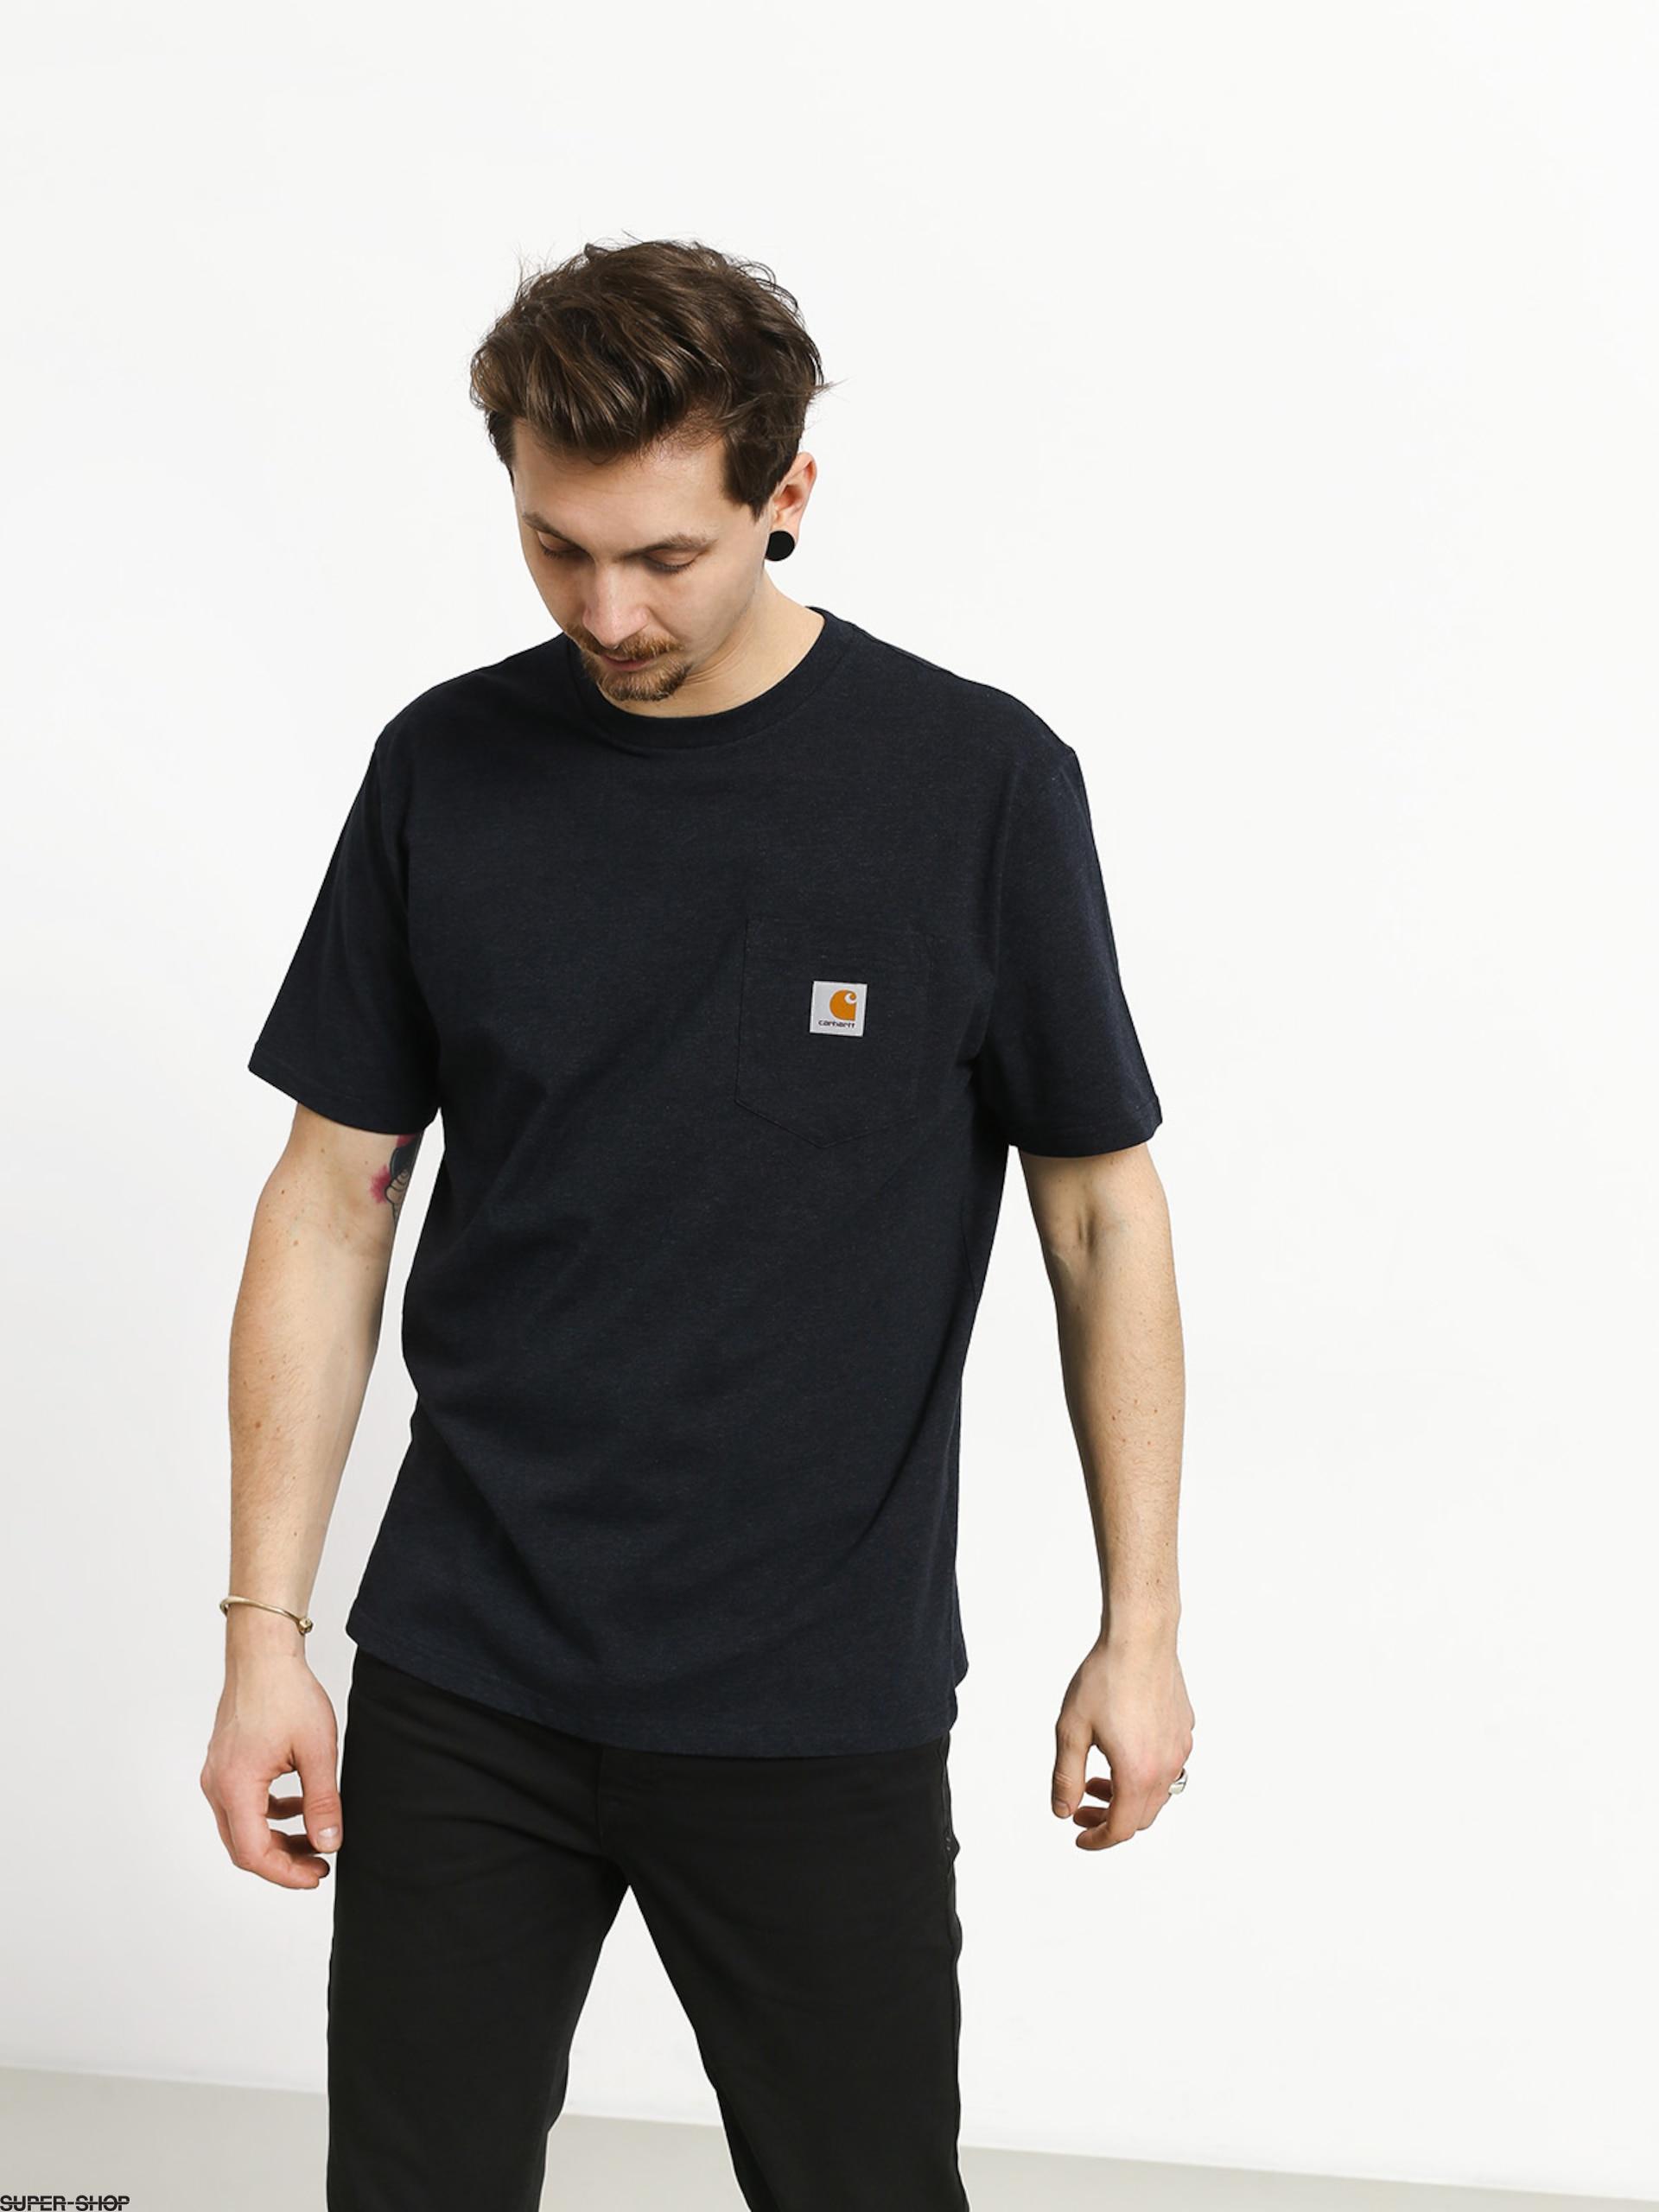 8b1b5abec4 1024383-w1920-carhartt-wip-pocket-tshirt-dark-navy-heather.jpg